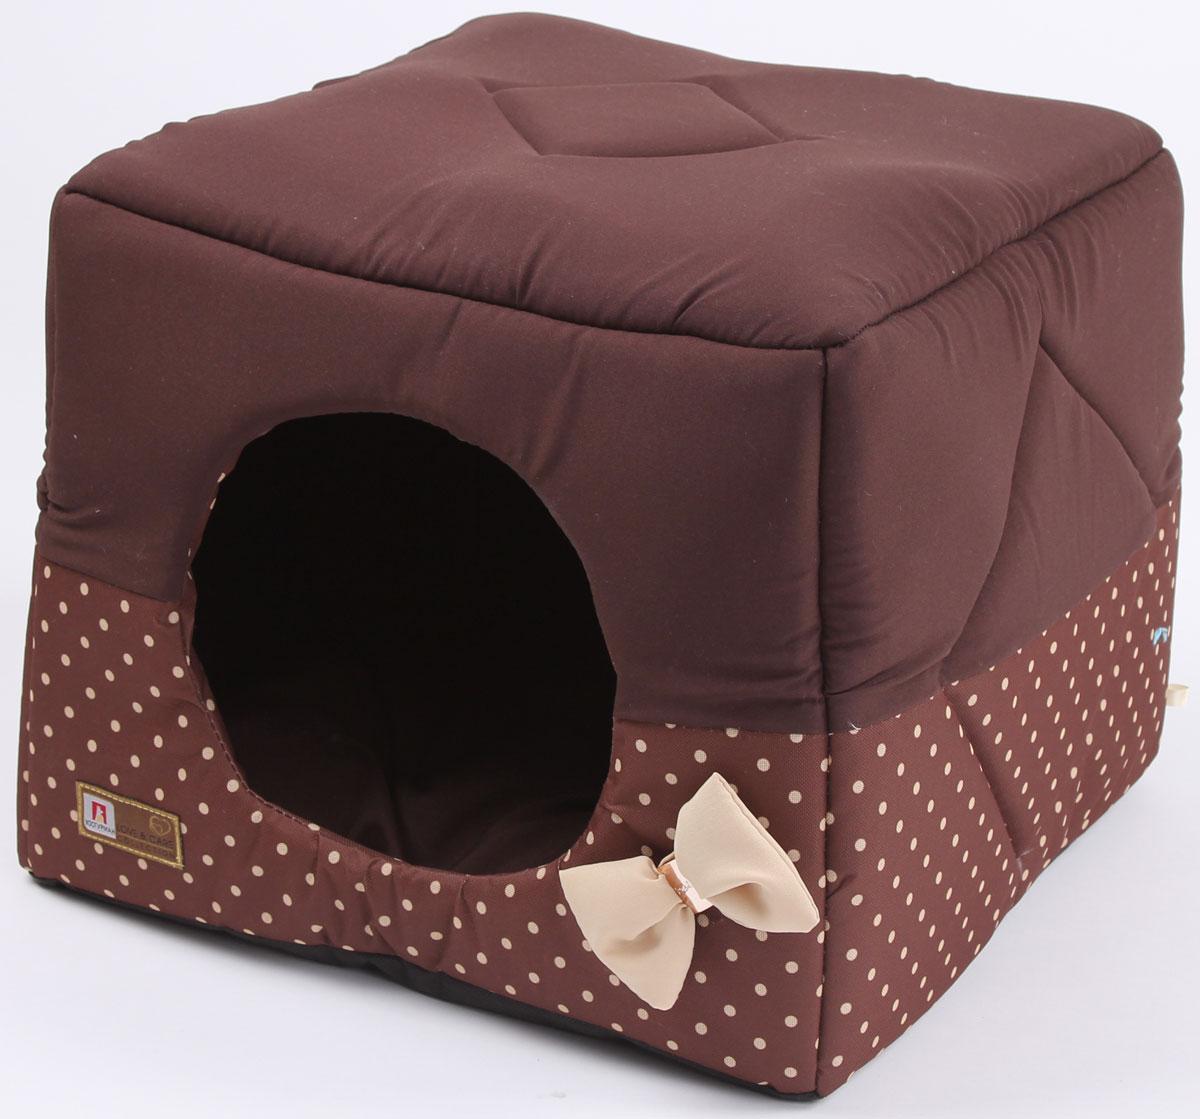 Лежак для собак и кошек Зоогурман Домосед, цвет: шоколадный, бежевый горох, 45 х 45 х 45 см1956_шоколадный, бежевый горохОригинальный и мягкий лежак для кошек и собак Зоогурман Домосед обязательно понравится вашемупитомцу. Лежак выполнен из приятного материала. Уникальная конструкция лежака имеет два варианта использования: - лежанка, с высокими бортиками и мягкой внутренней подушкой, - закрытый домик с мягкой подушкой внутри.Универсальный лежак-трансформер непременно понравится вашему питомцу, подарит ему ощущение уюта и комфорта. В комплекте со съемной подушкой мягкая игрушка косточка.За изделием легко ухаживать, можно стирать вручную или в стиральной машинепри температуре 40°С. Материал: микроволоконная шерстяная ткань.Наполнитель: гипоаллергенное синтетическое волокно. Наполнитель матрасика: шерсть. Размер: 45 х 45 х 45 см. Размер лежанки: 45 х 20 х 45 см.